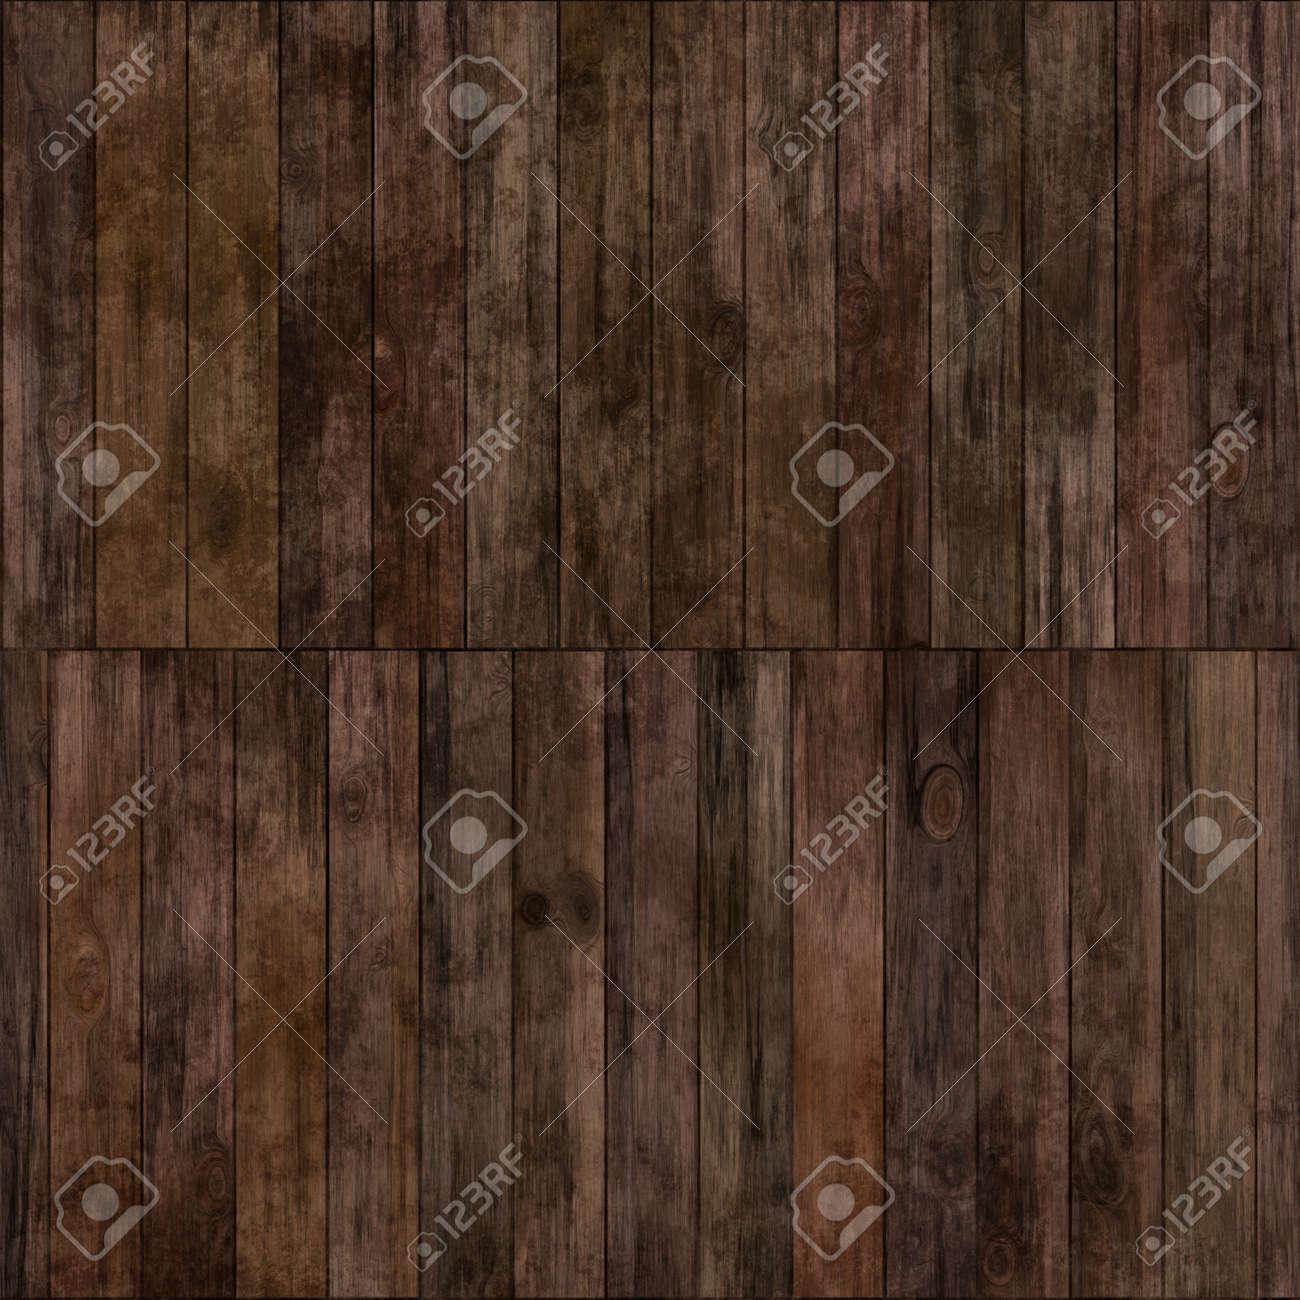 Pannelli Fibra Di Legno di alta qualità ad alta risoluzione di legno senza soluzione di tessitura.  parte in legno scuro del parquet. fibra di legno a strisce con texture di